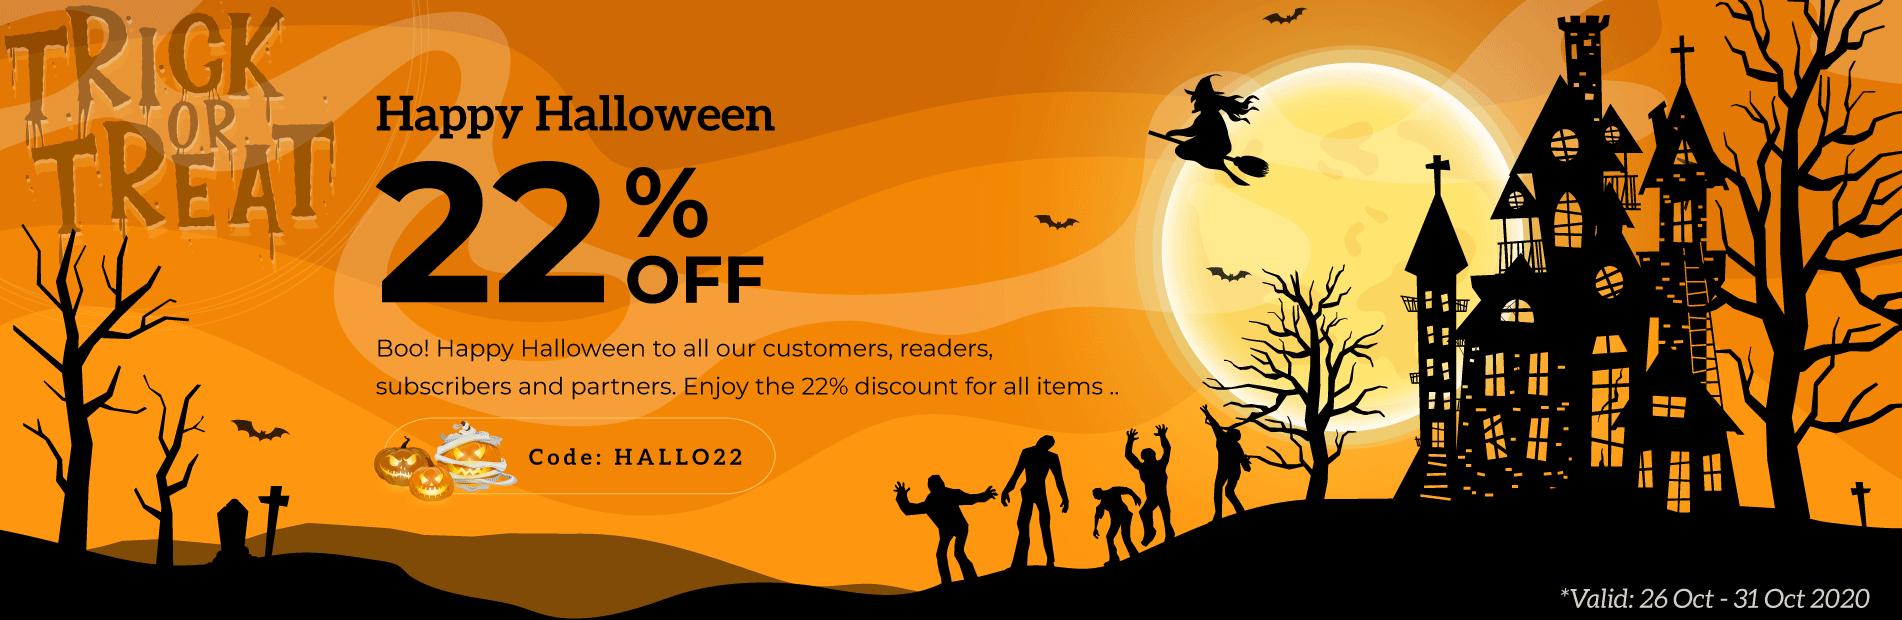 Happy Halloween 2020, Sales Off 22 %